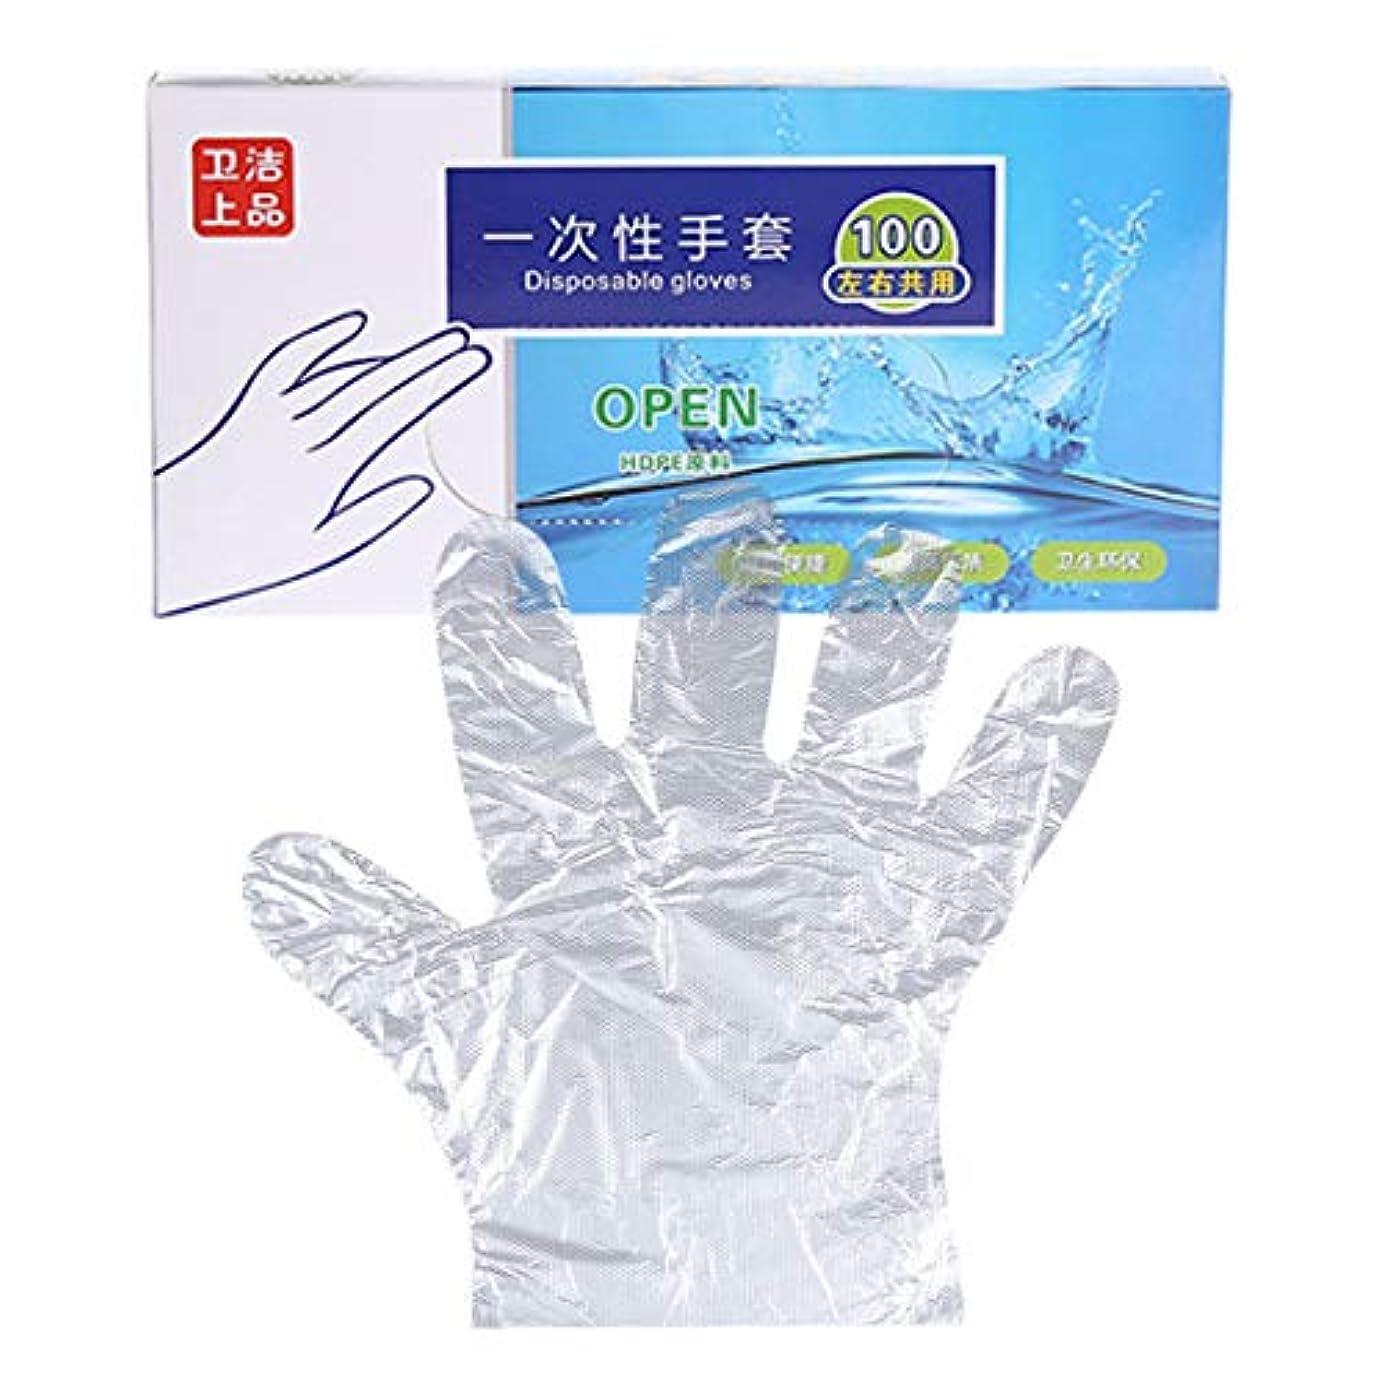 依存バンケット誇張Bemin 使い捨て手袋 100本入 透明 フリーサイズ グローブ ポリエチレン手袋 左右兼用 ポリエチレン PE 実用 衛生 調理 清掃 染髪